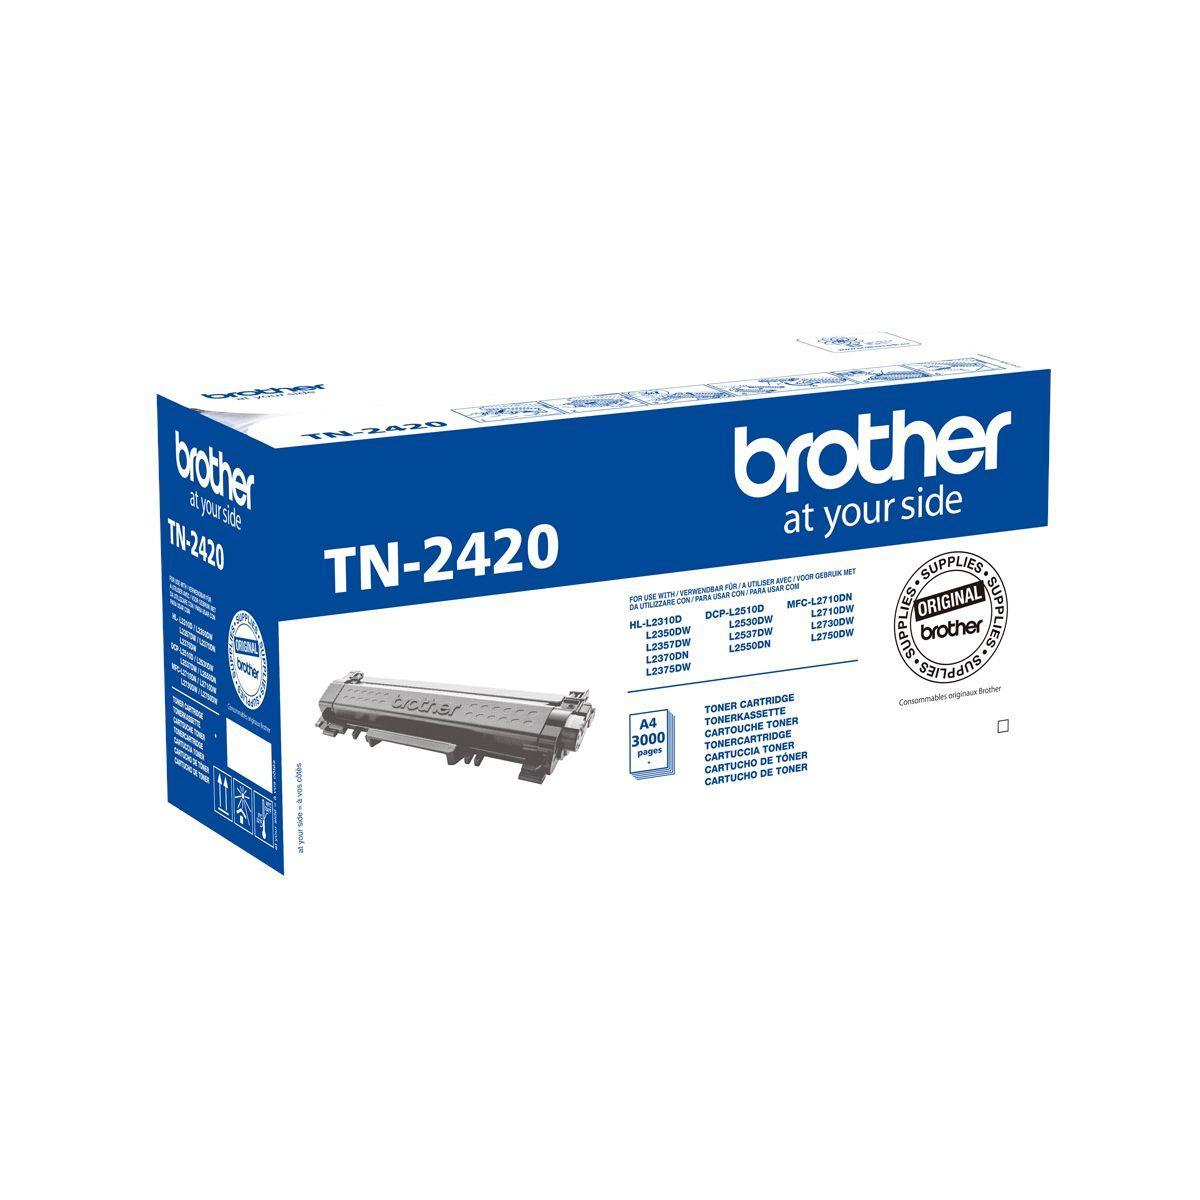 Toner brother tn2420 noir - 2% de remise imm�diate avec le code : deal2